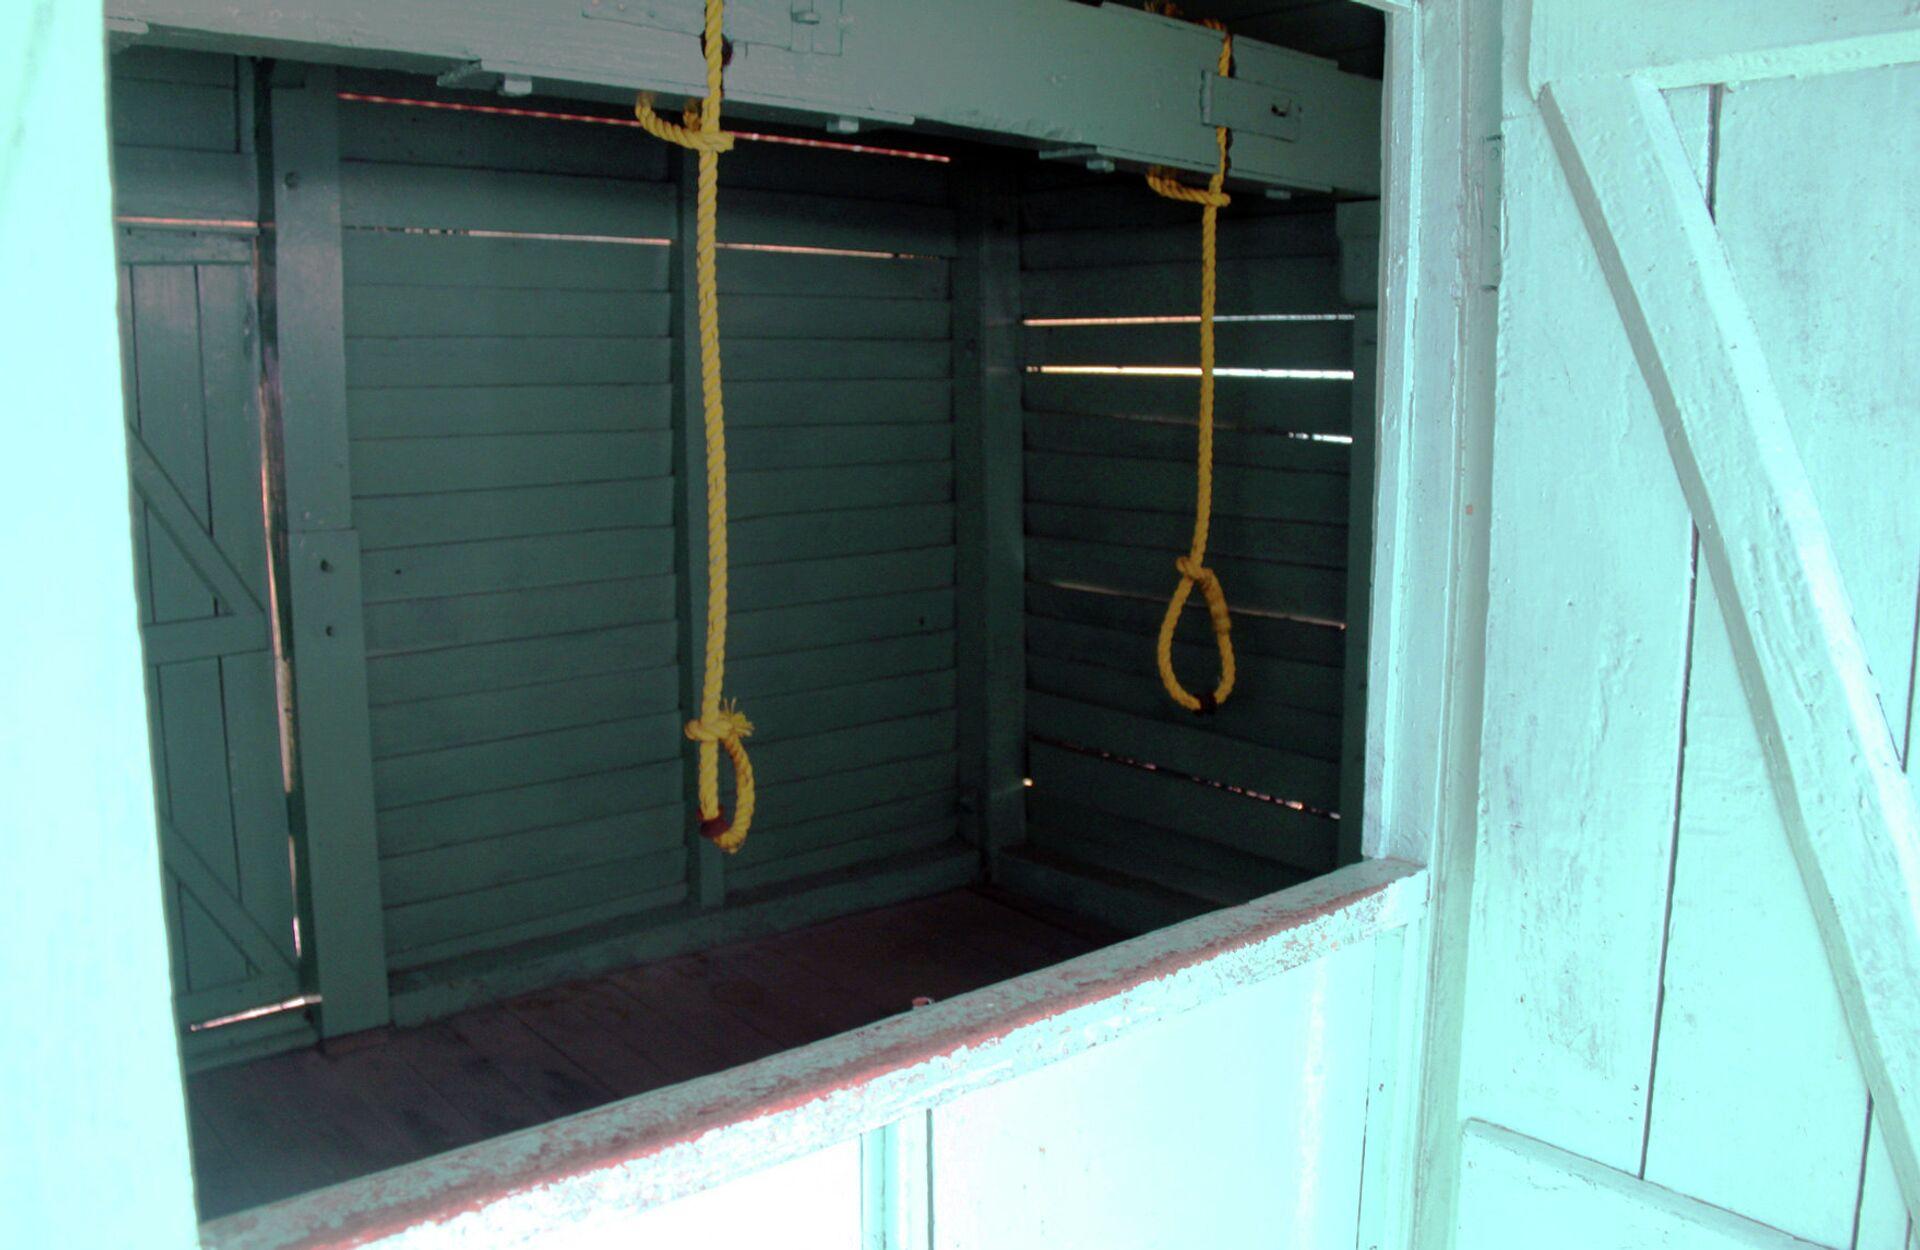 Виселица с системой открывающихся в полу люков в Сотовой Тюрьме в городе Порт-Блэр - РИА Новости, 1920, 02.04.2021